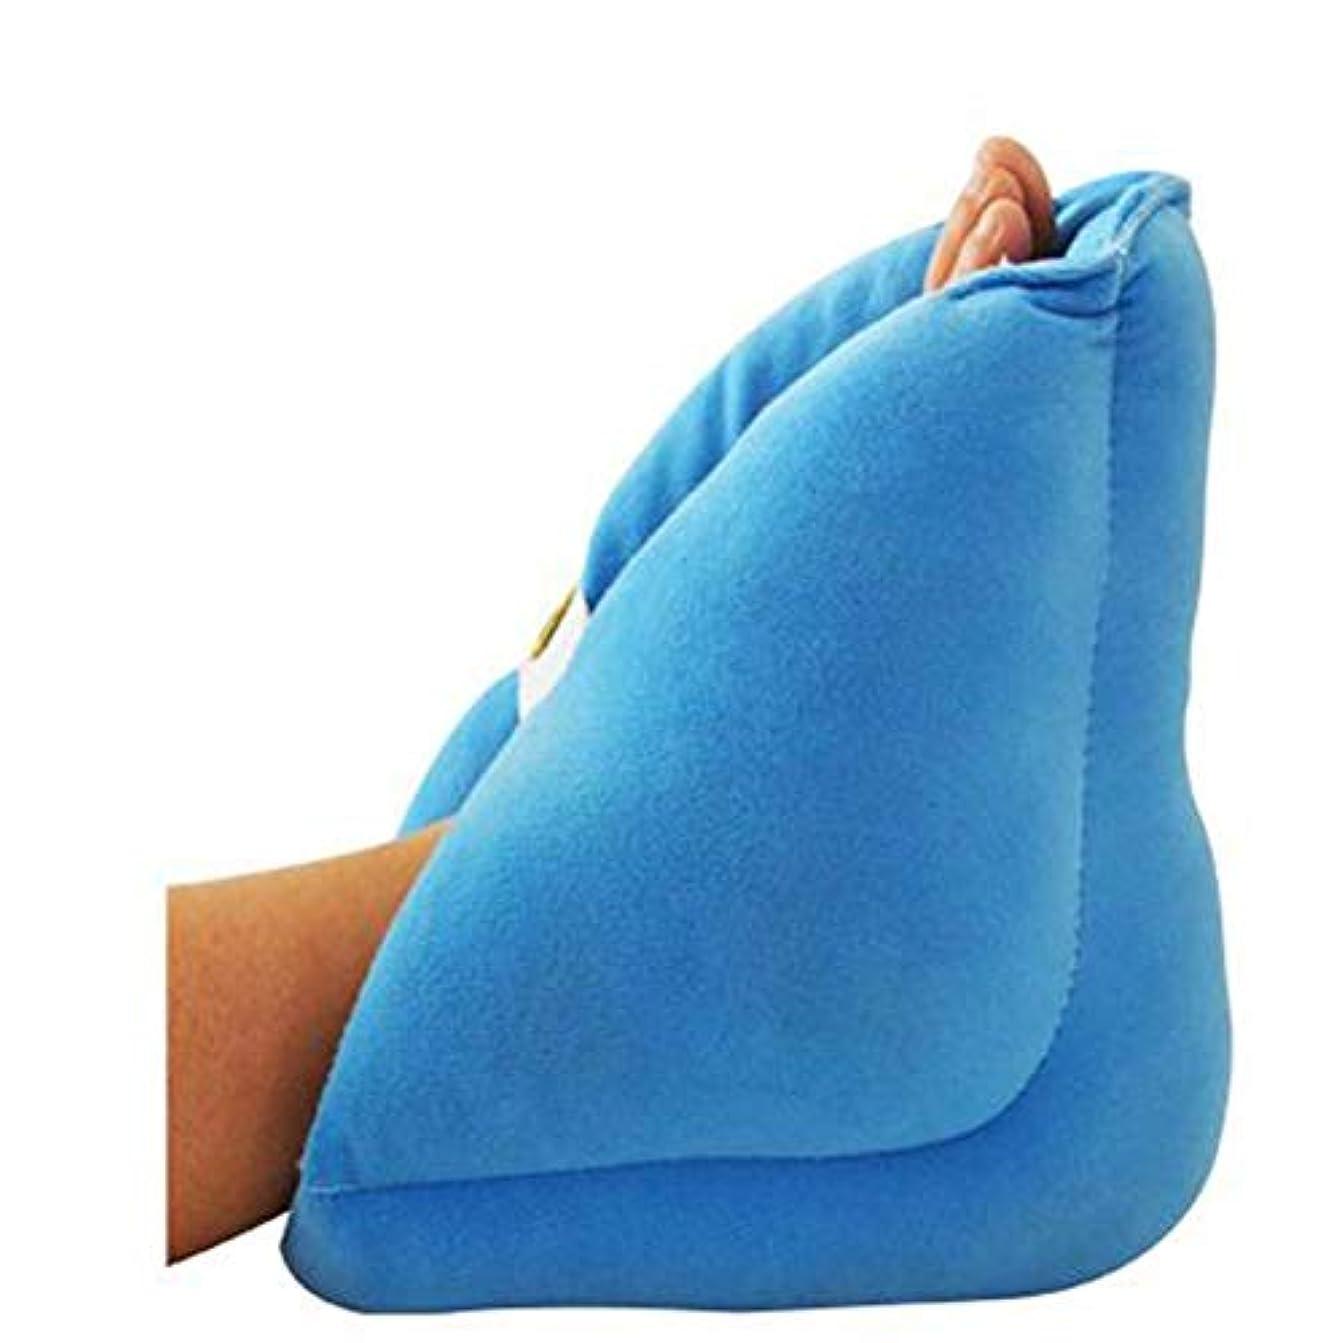 コークスほかに地味なかかとプロテクター枕抗褥瘡??踵保護パッド、抗褥瘡踵パッド寝たきり患者ケア肥厚